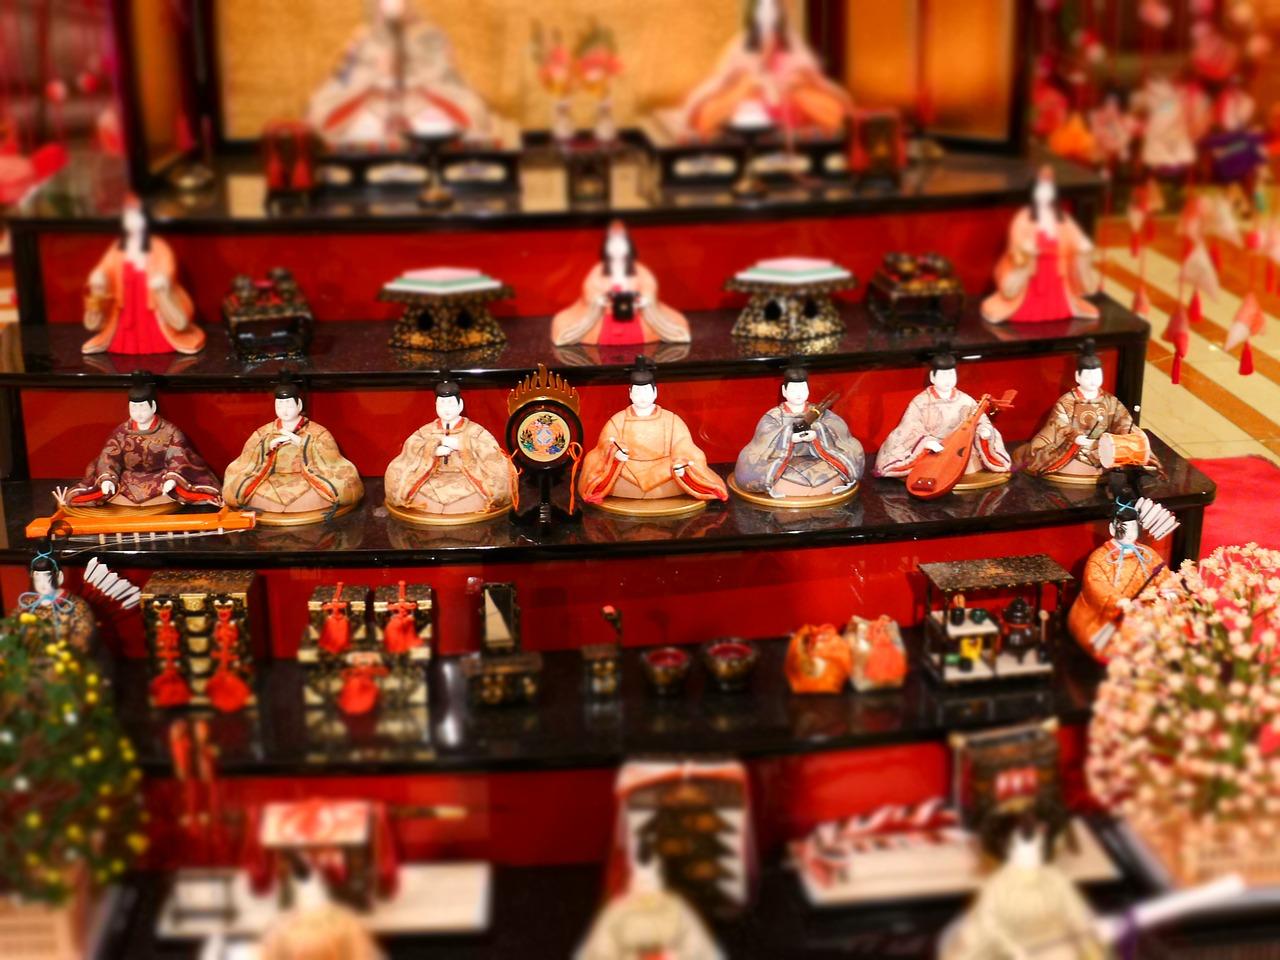 ひな祭りのひな壇とひな人形